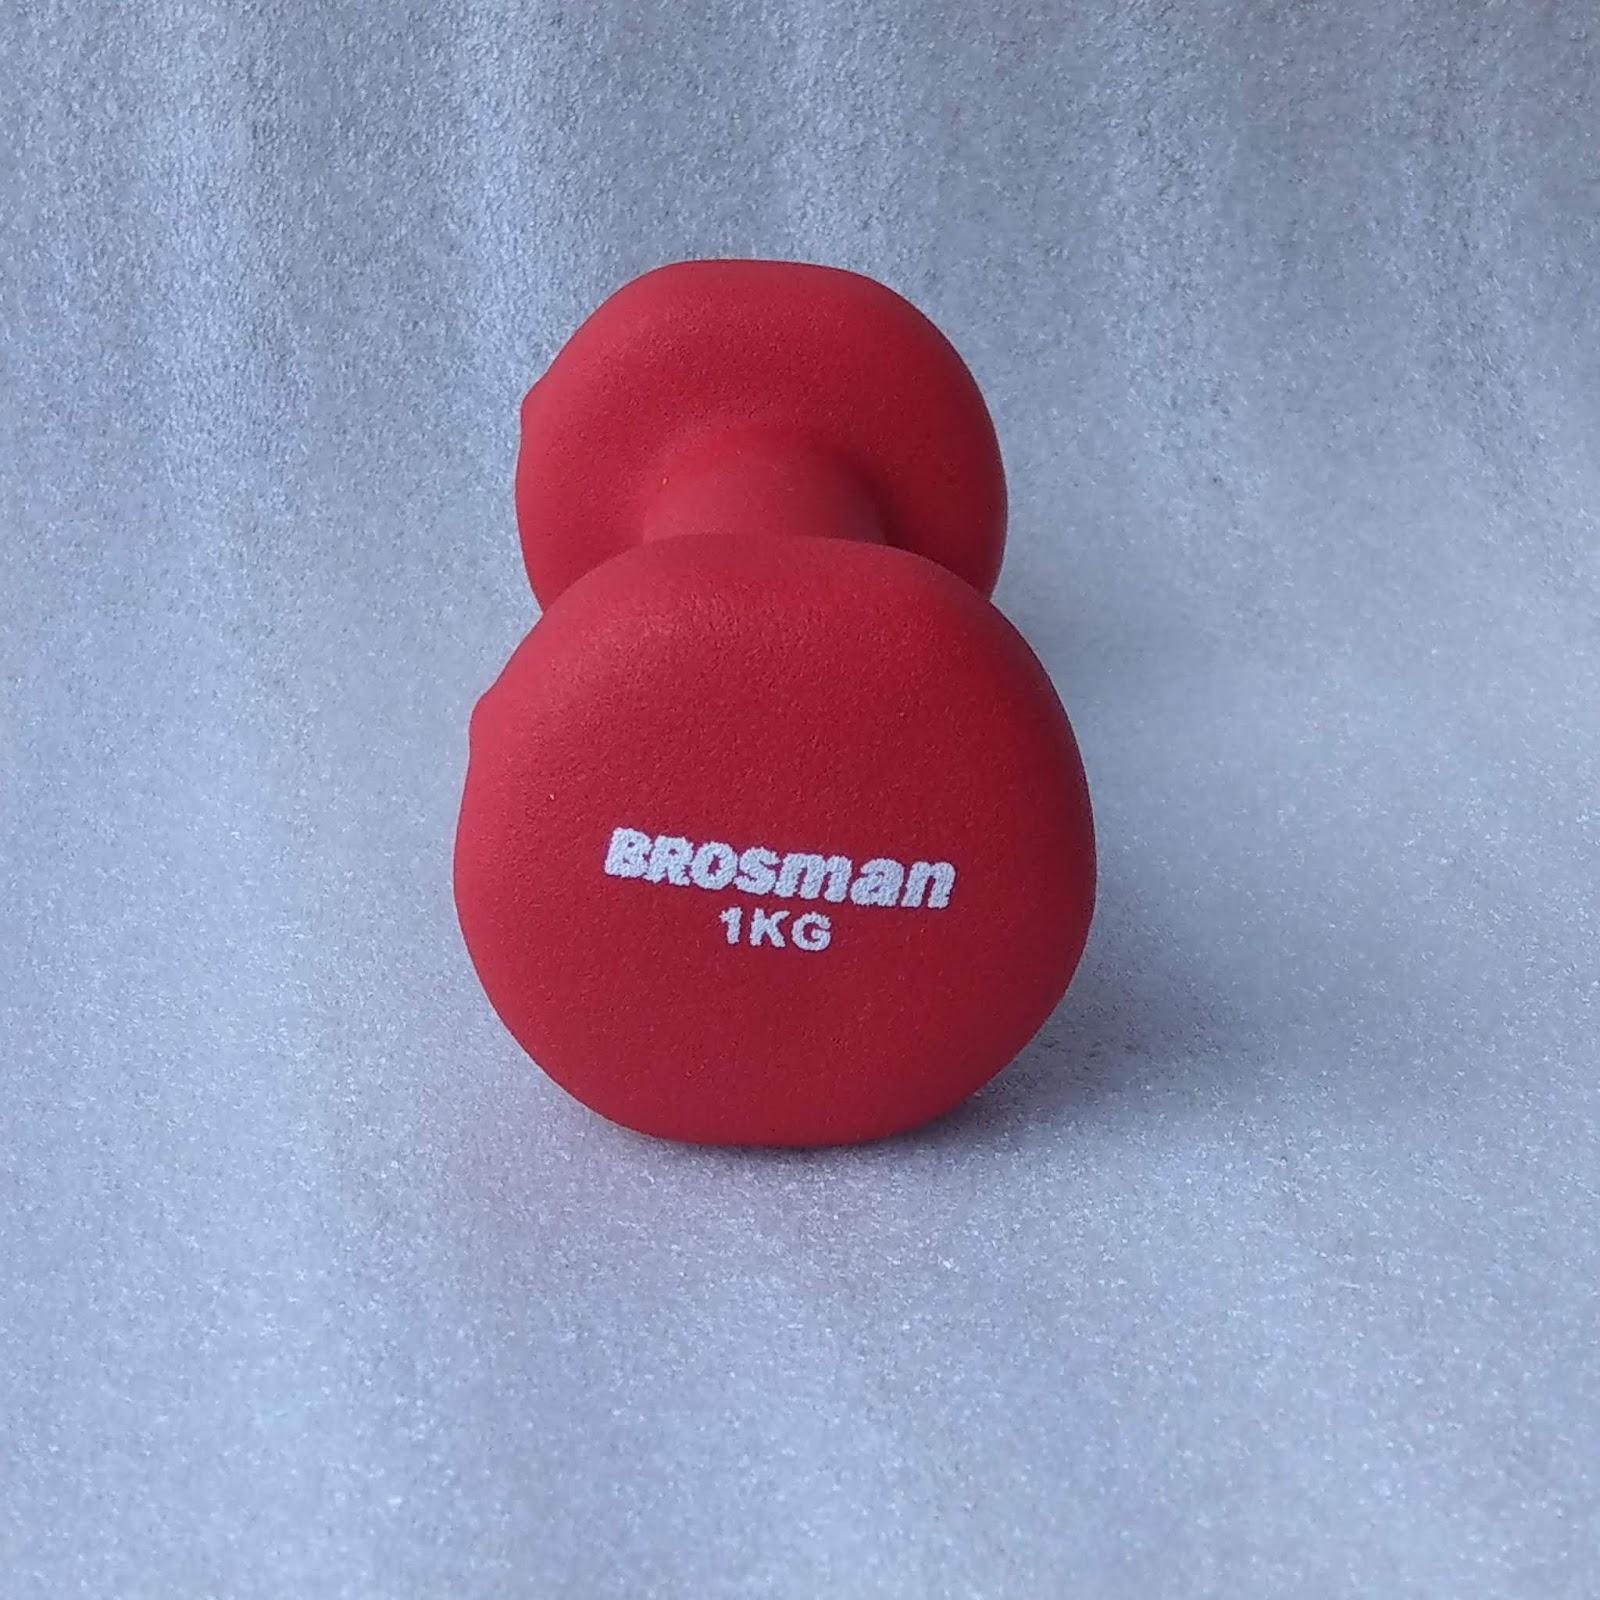 Tạ Tay Brosman 1 Kg (Đỏ) Không Thể Rẻ Hơn tại Lazada